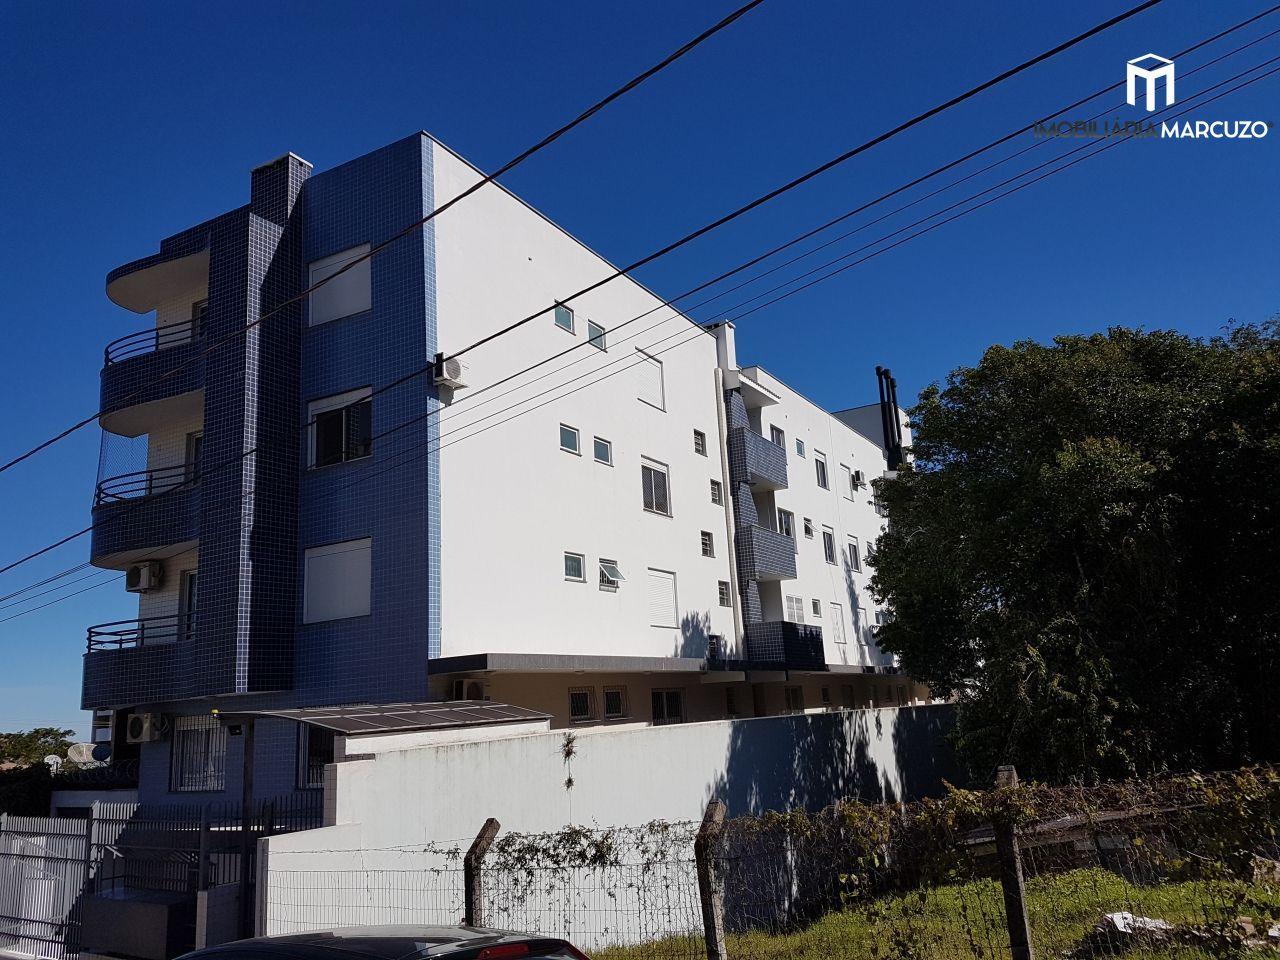 Apartamento com 1 Dormitórios à venda, 57 m² por R$ 188.000,00